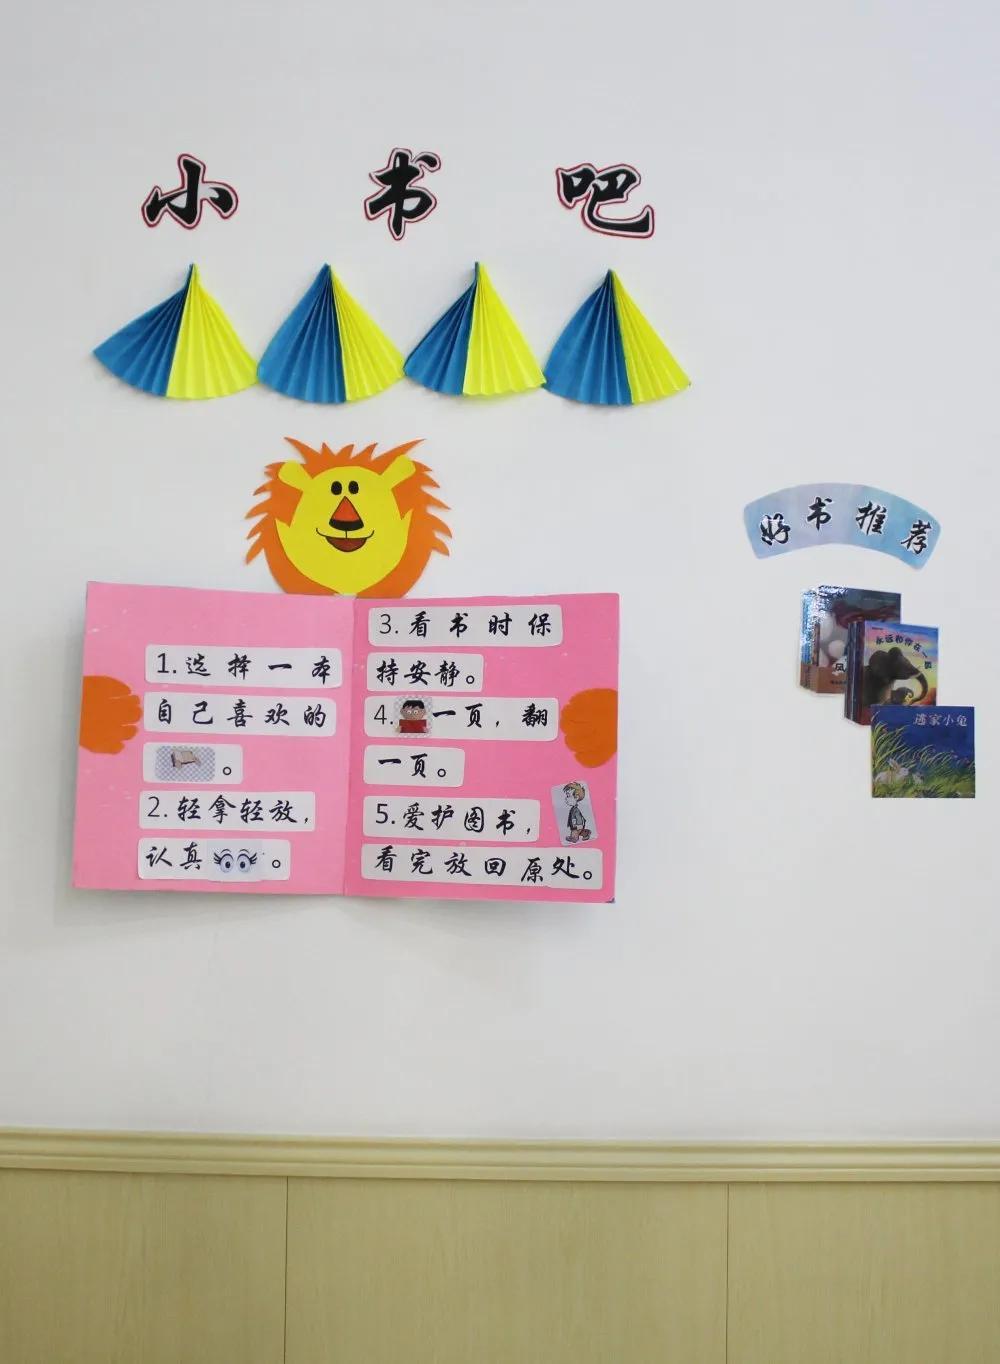 高新区汇爱幼稚园丨戮力同心抓环创,家园共育蓓蕾香